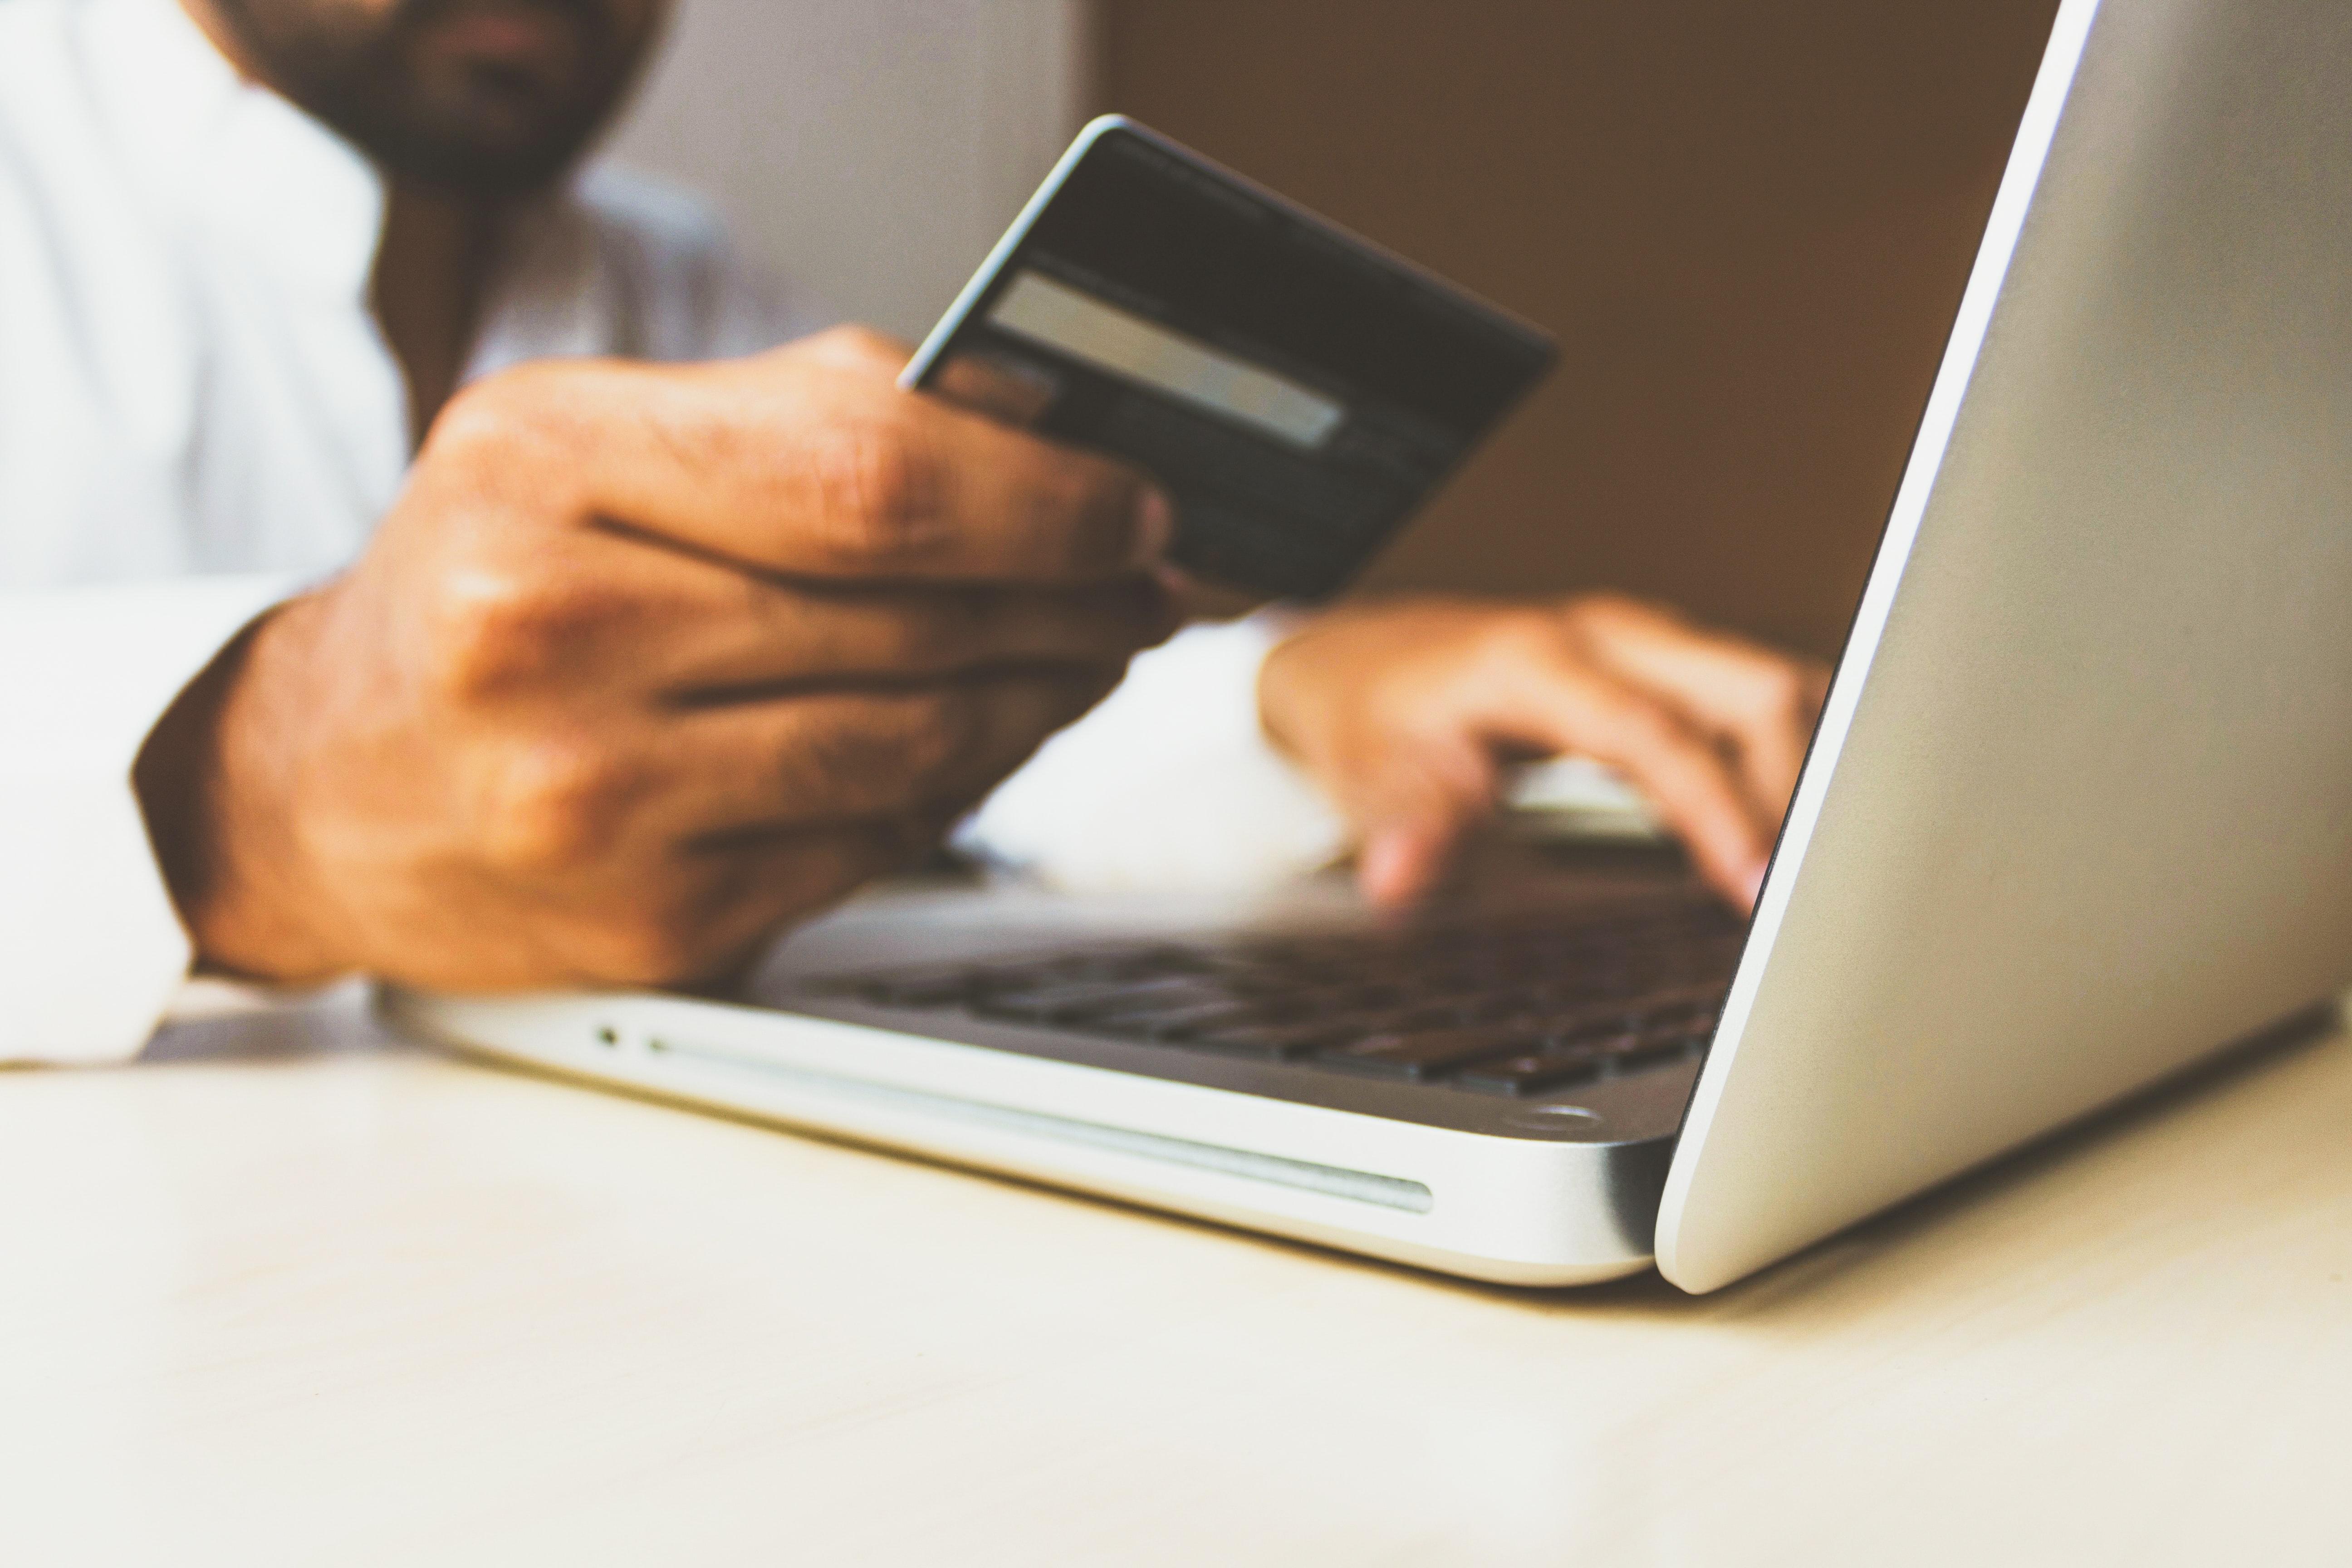 Лидеры онлайн-торговли оценили возможности использования нового цифрового сервиса Росаккредитации для проверки безопасности товаров